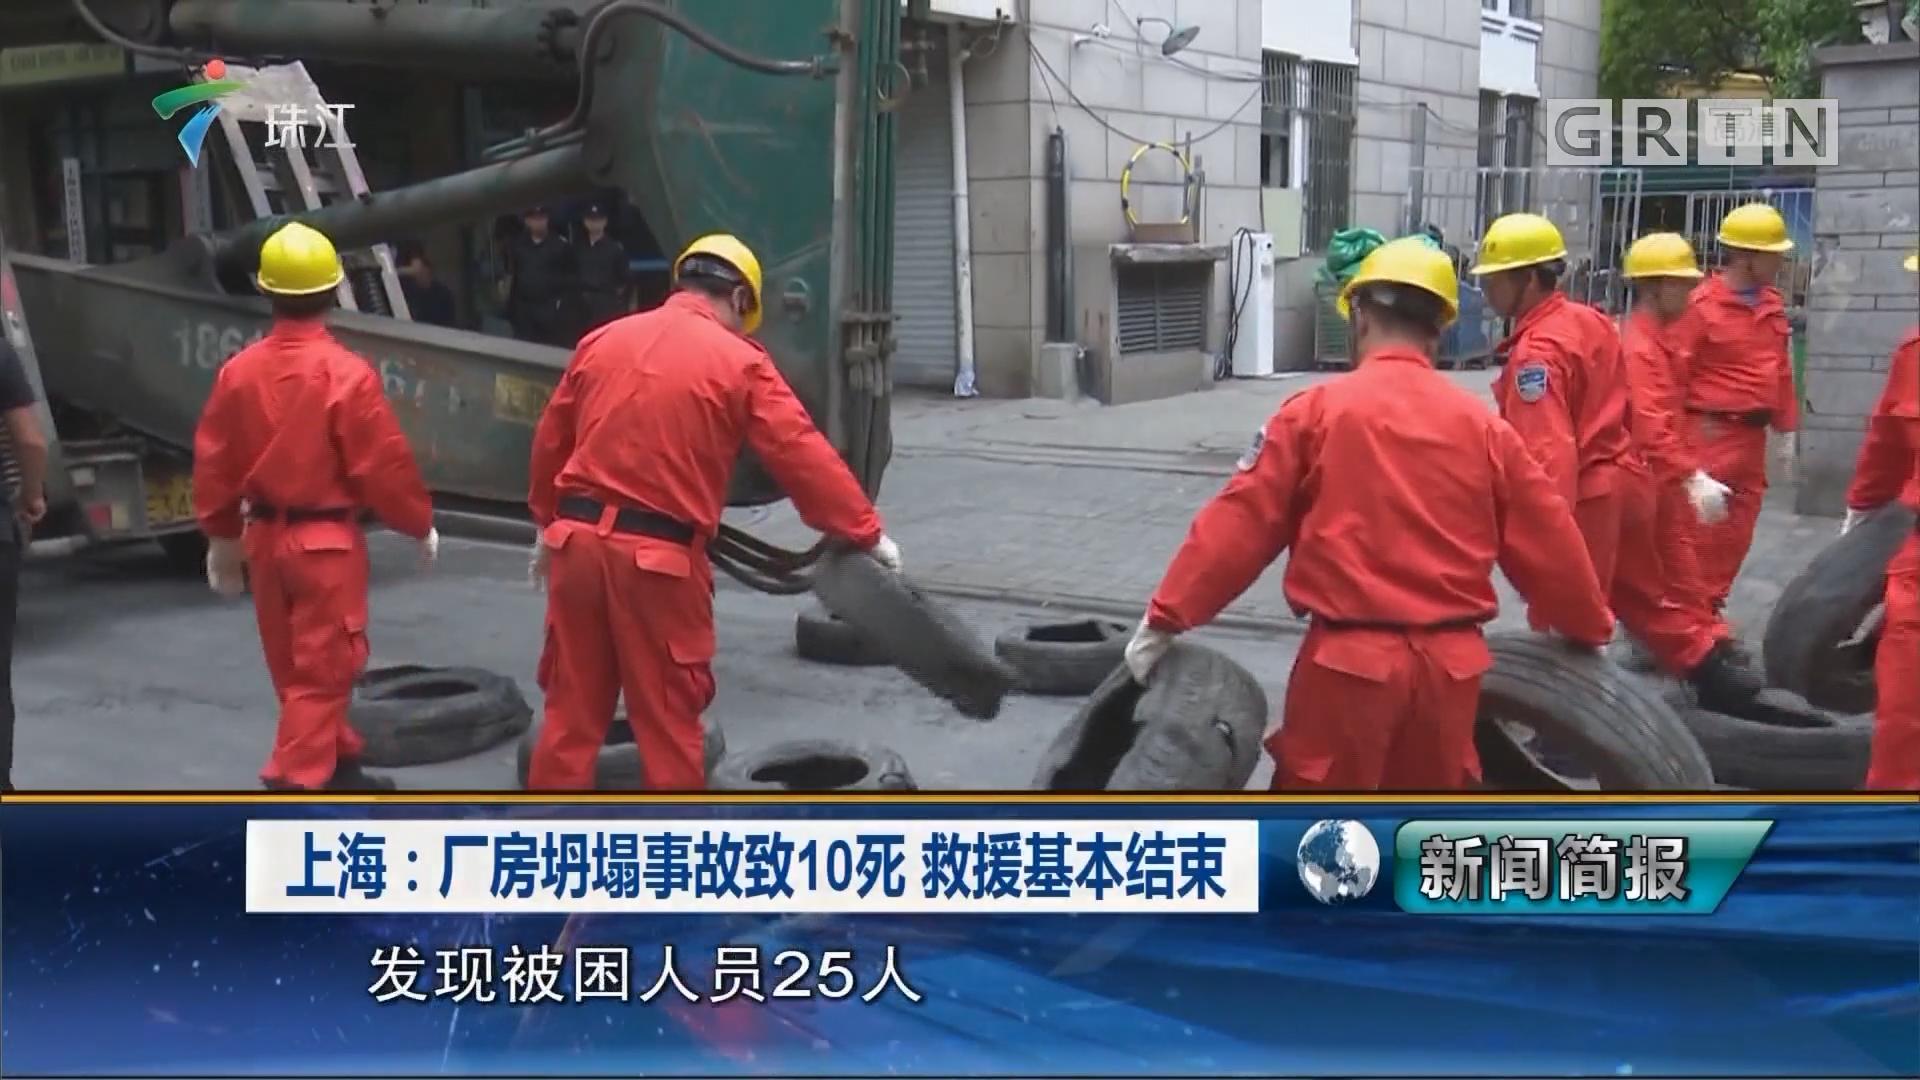 上海:厂房坍塌事故致10死 救援基本结束